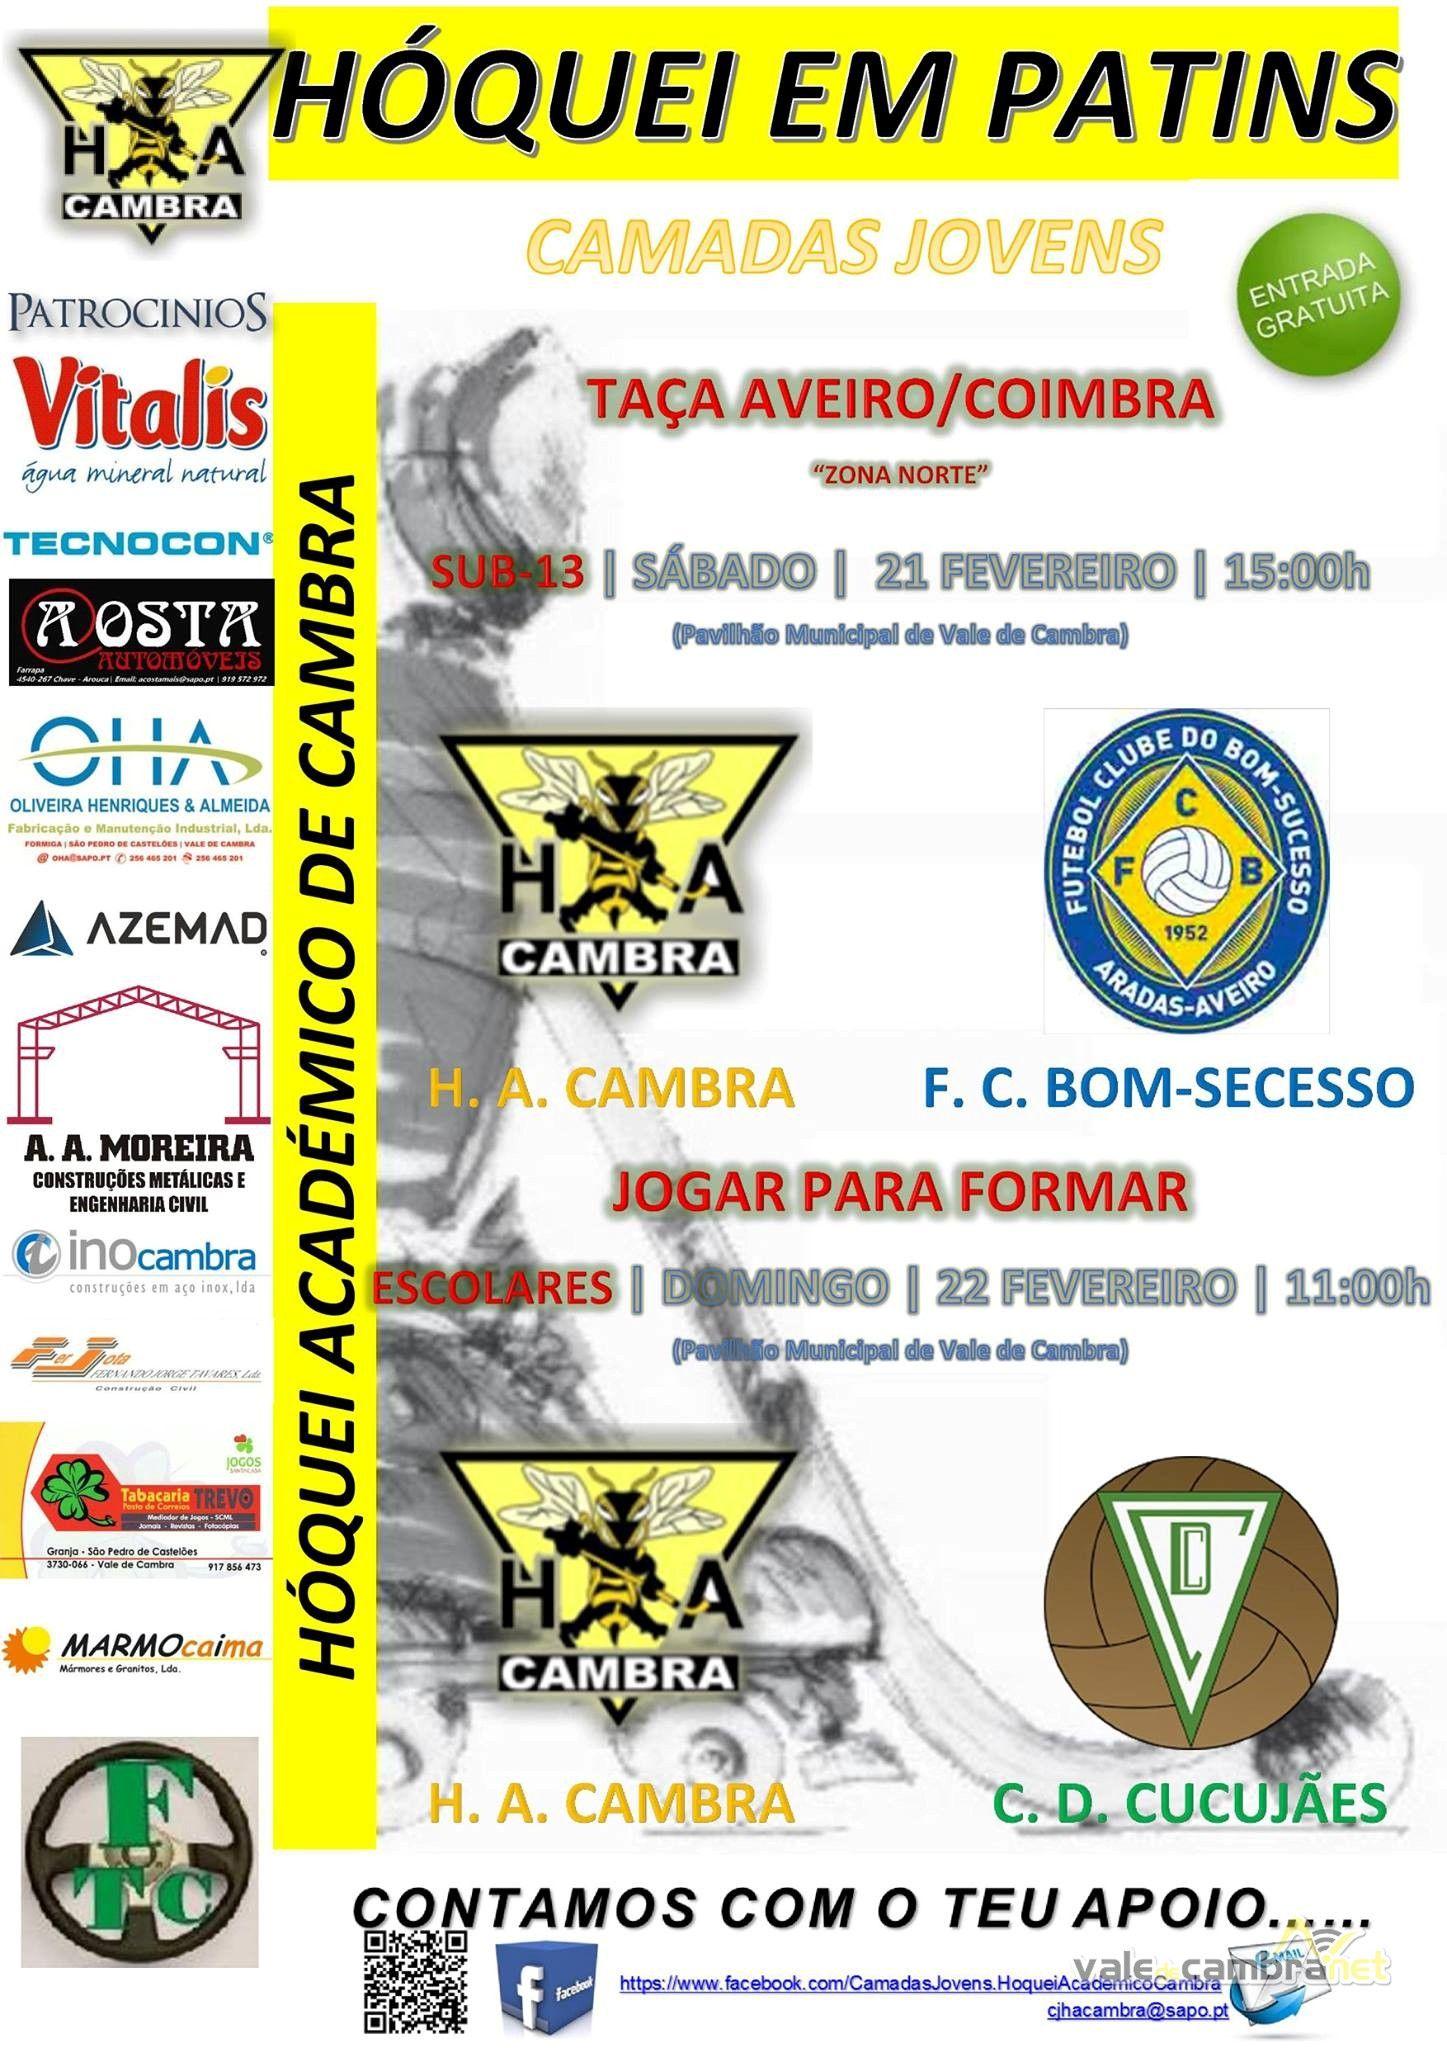 Hóquei em patins: camadas jovens HAC > 21 e 22 Fev 2015 @ Vale de Cambra  _jogos em casa_  #ValeDeCambra #hoqueiPatins